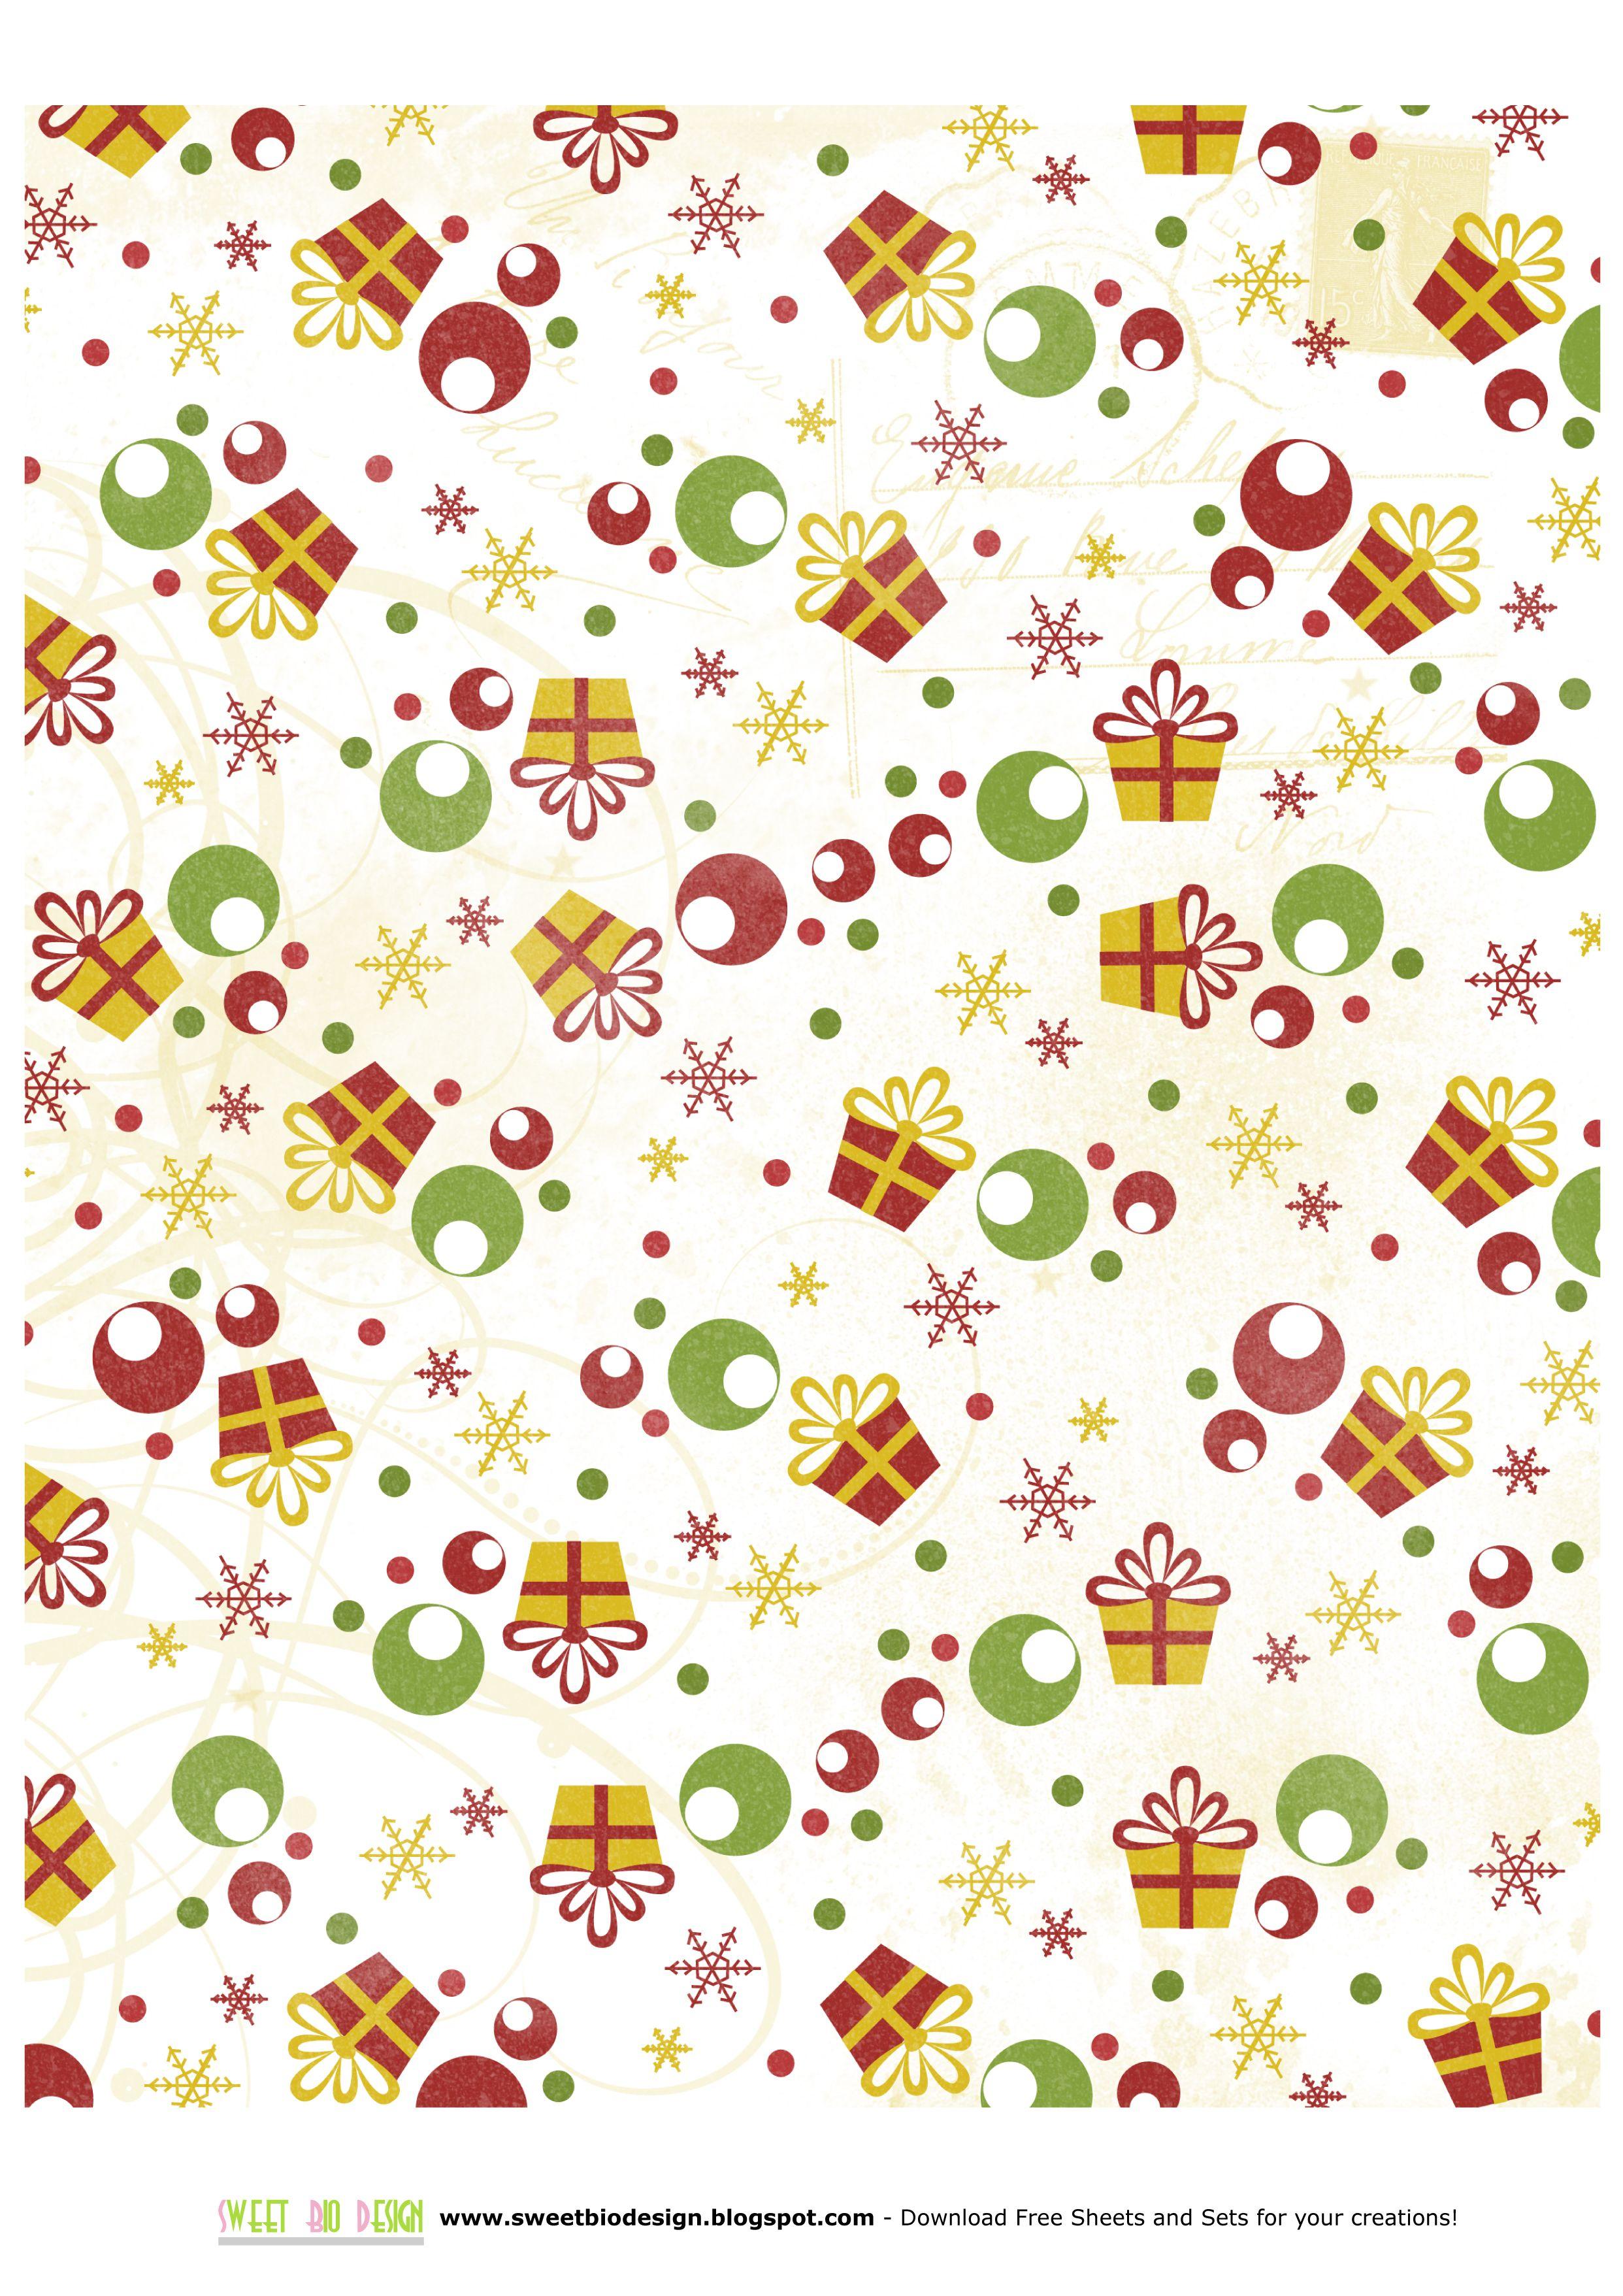 Printable Christmas Paper | Christmas~Background Papers | Pinterest - Free Printable Christmas Paper